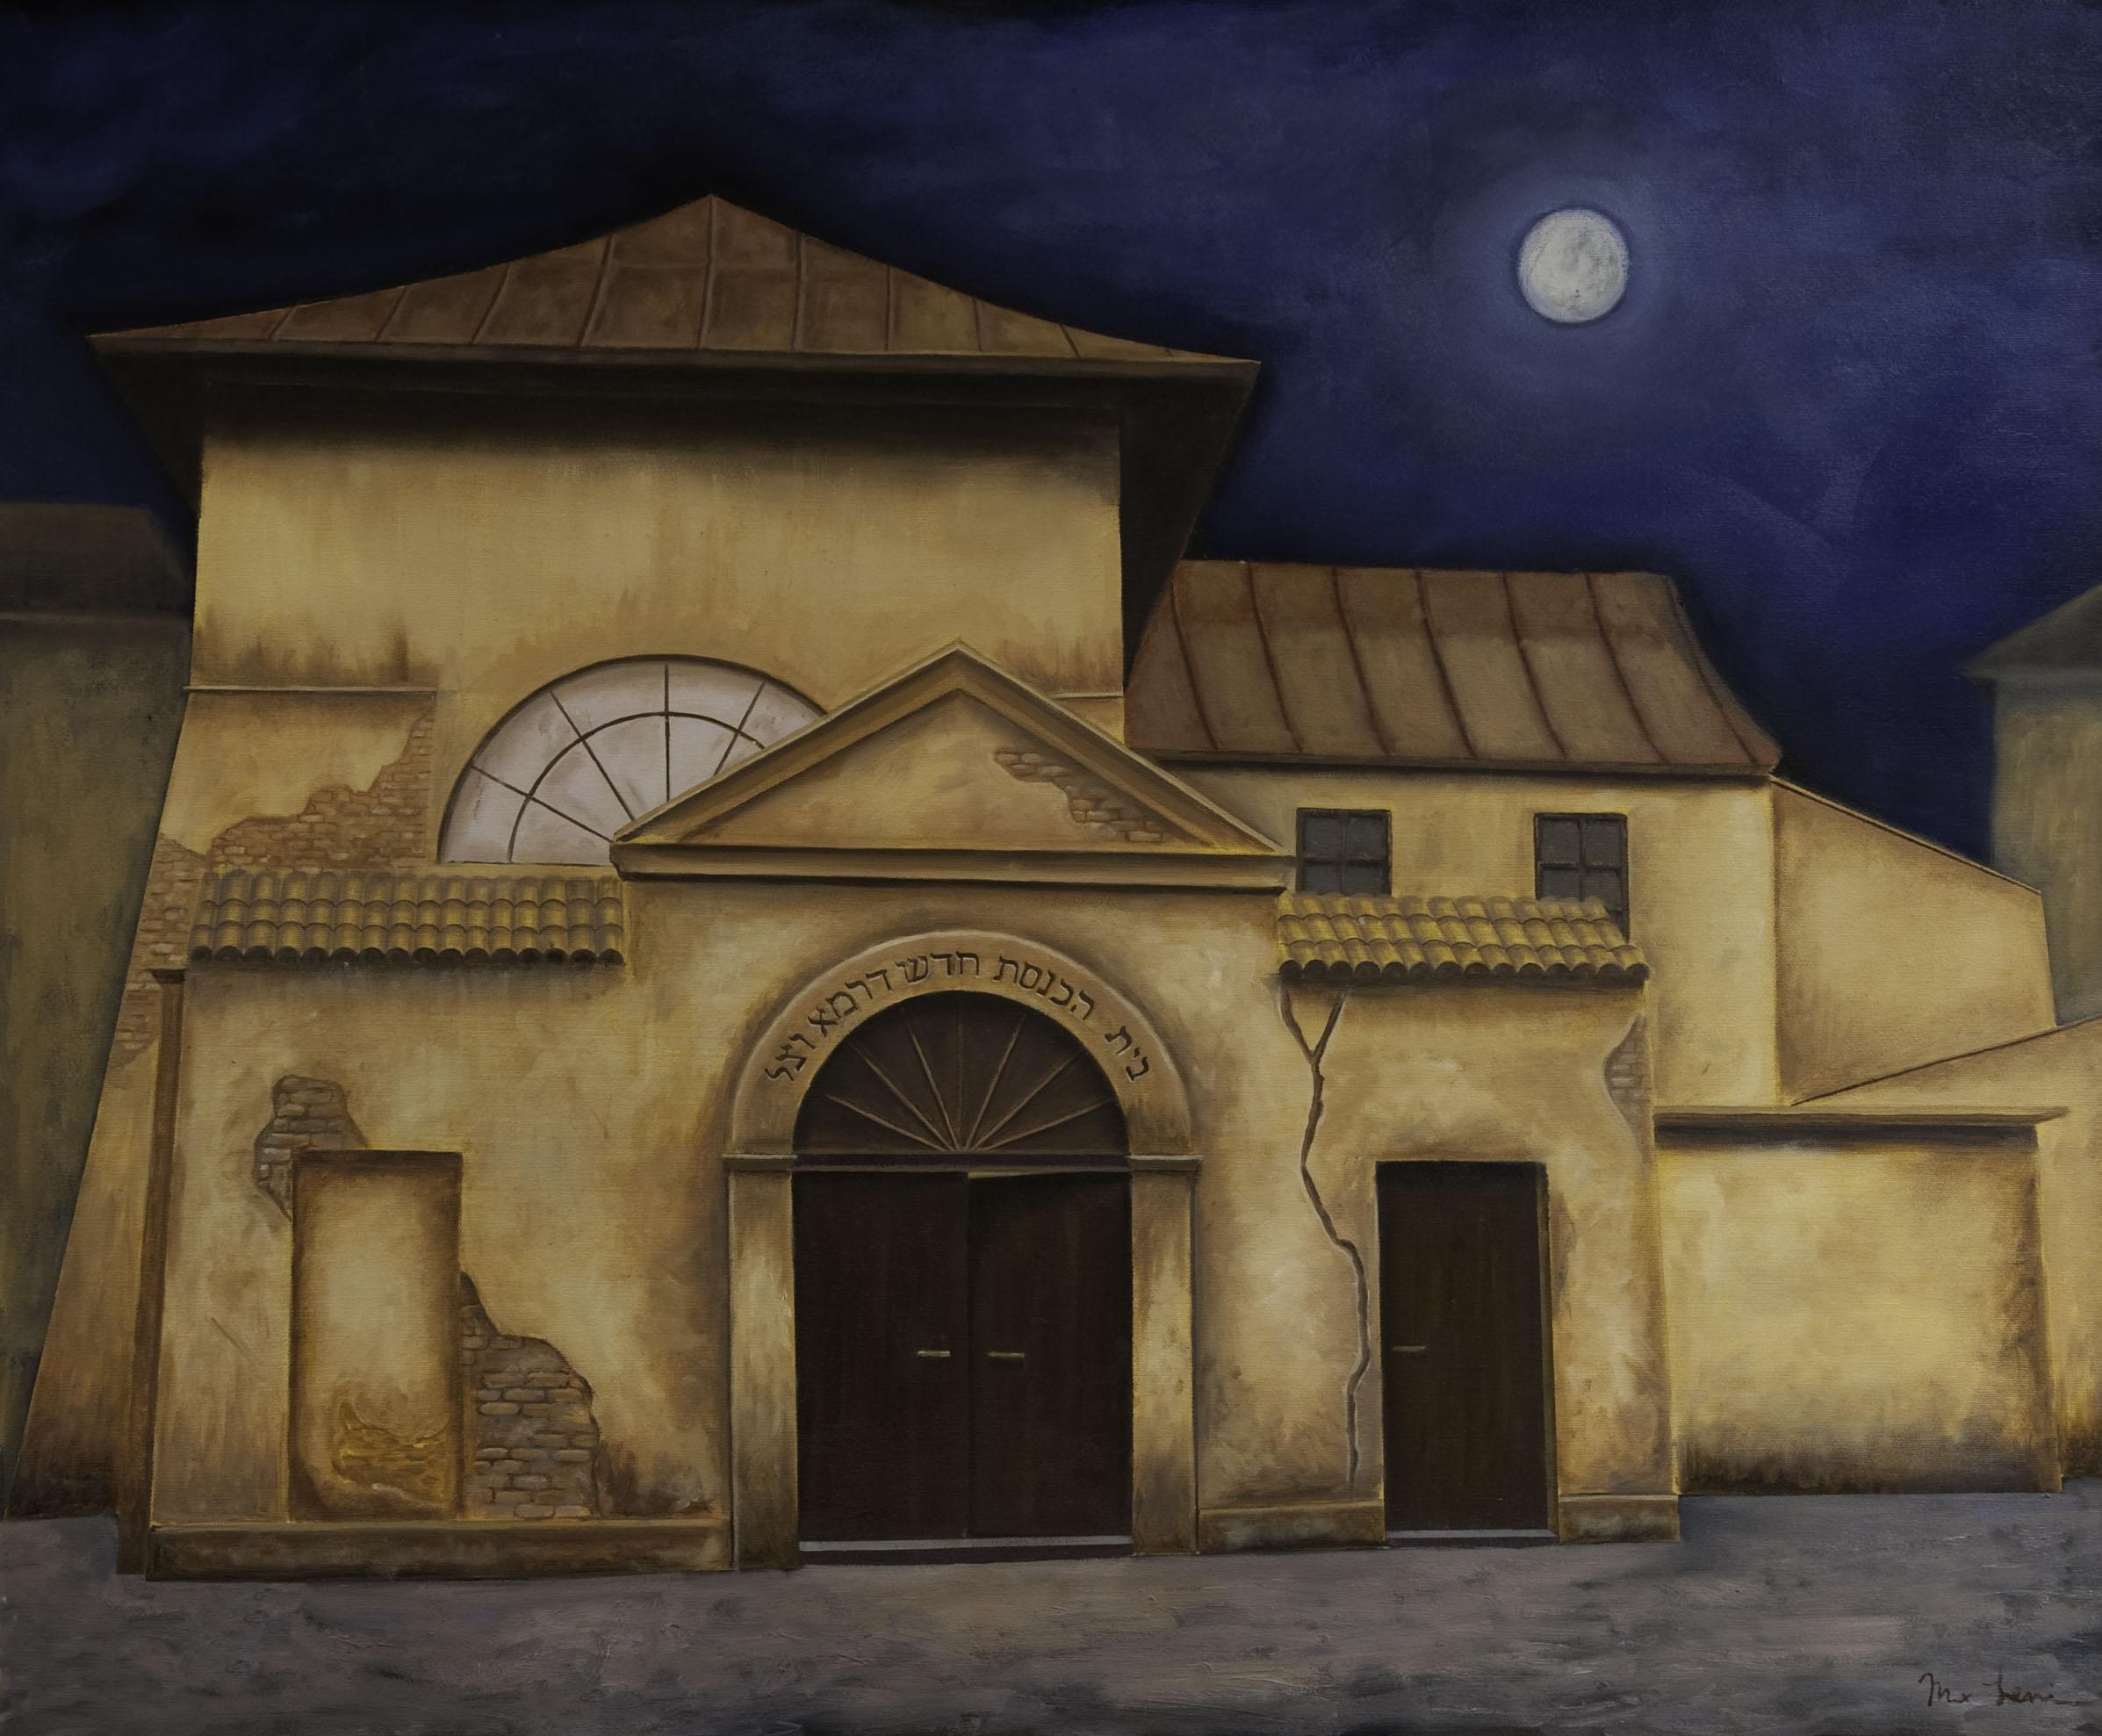 synagogue_no text.jpg